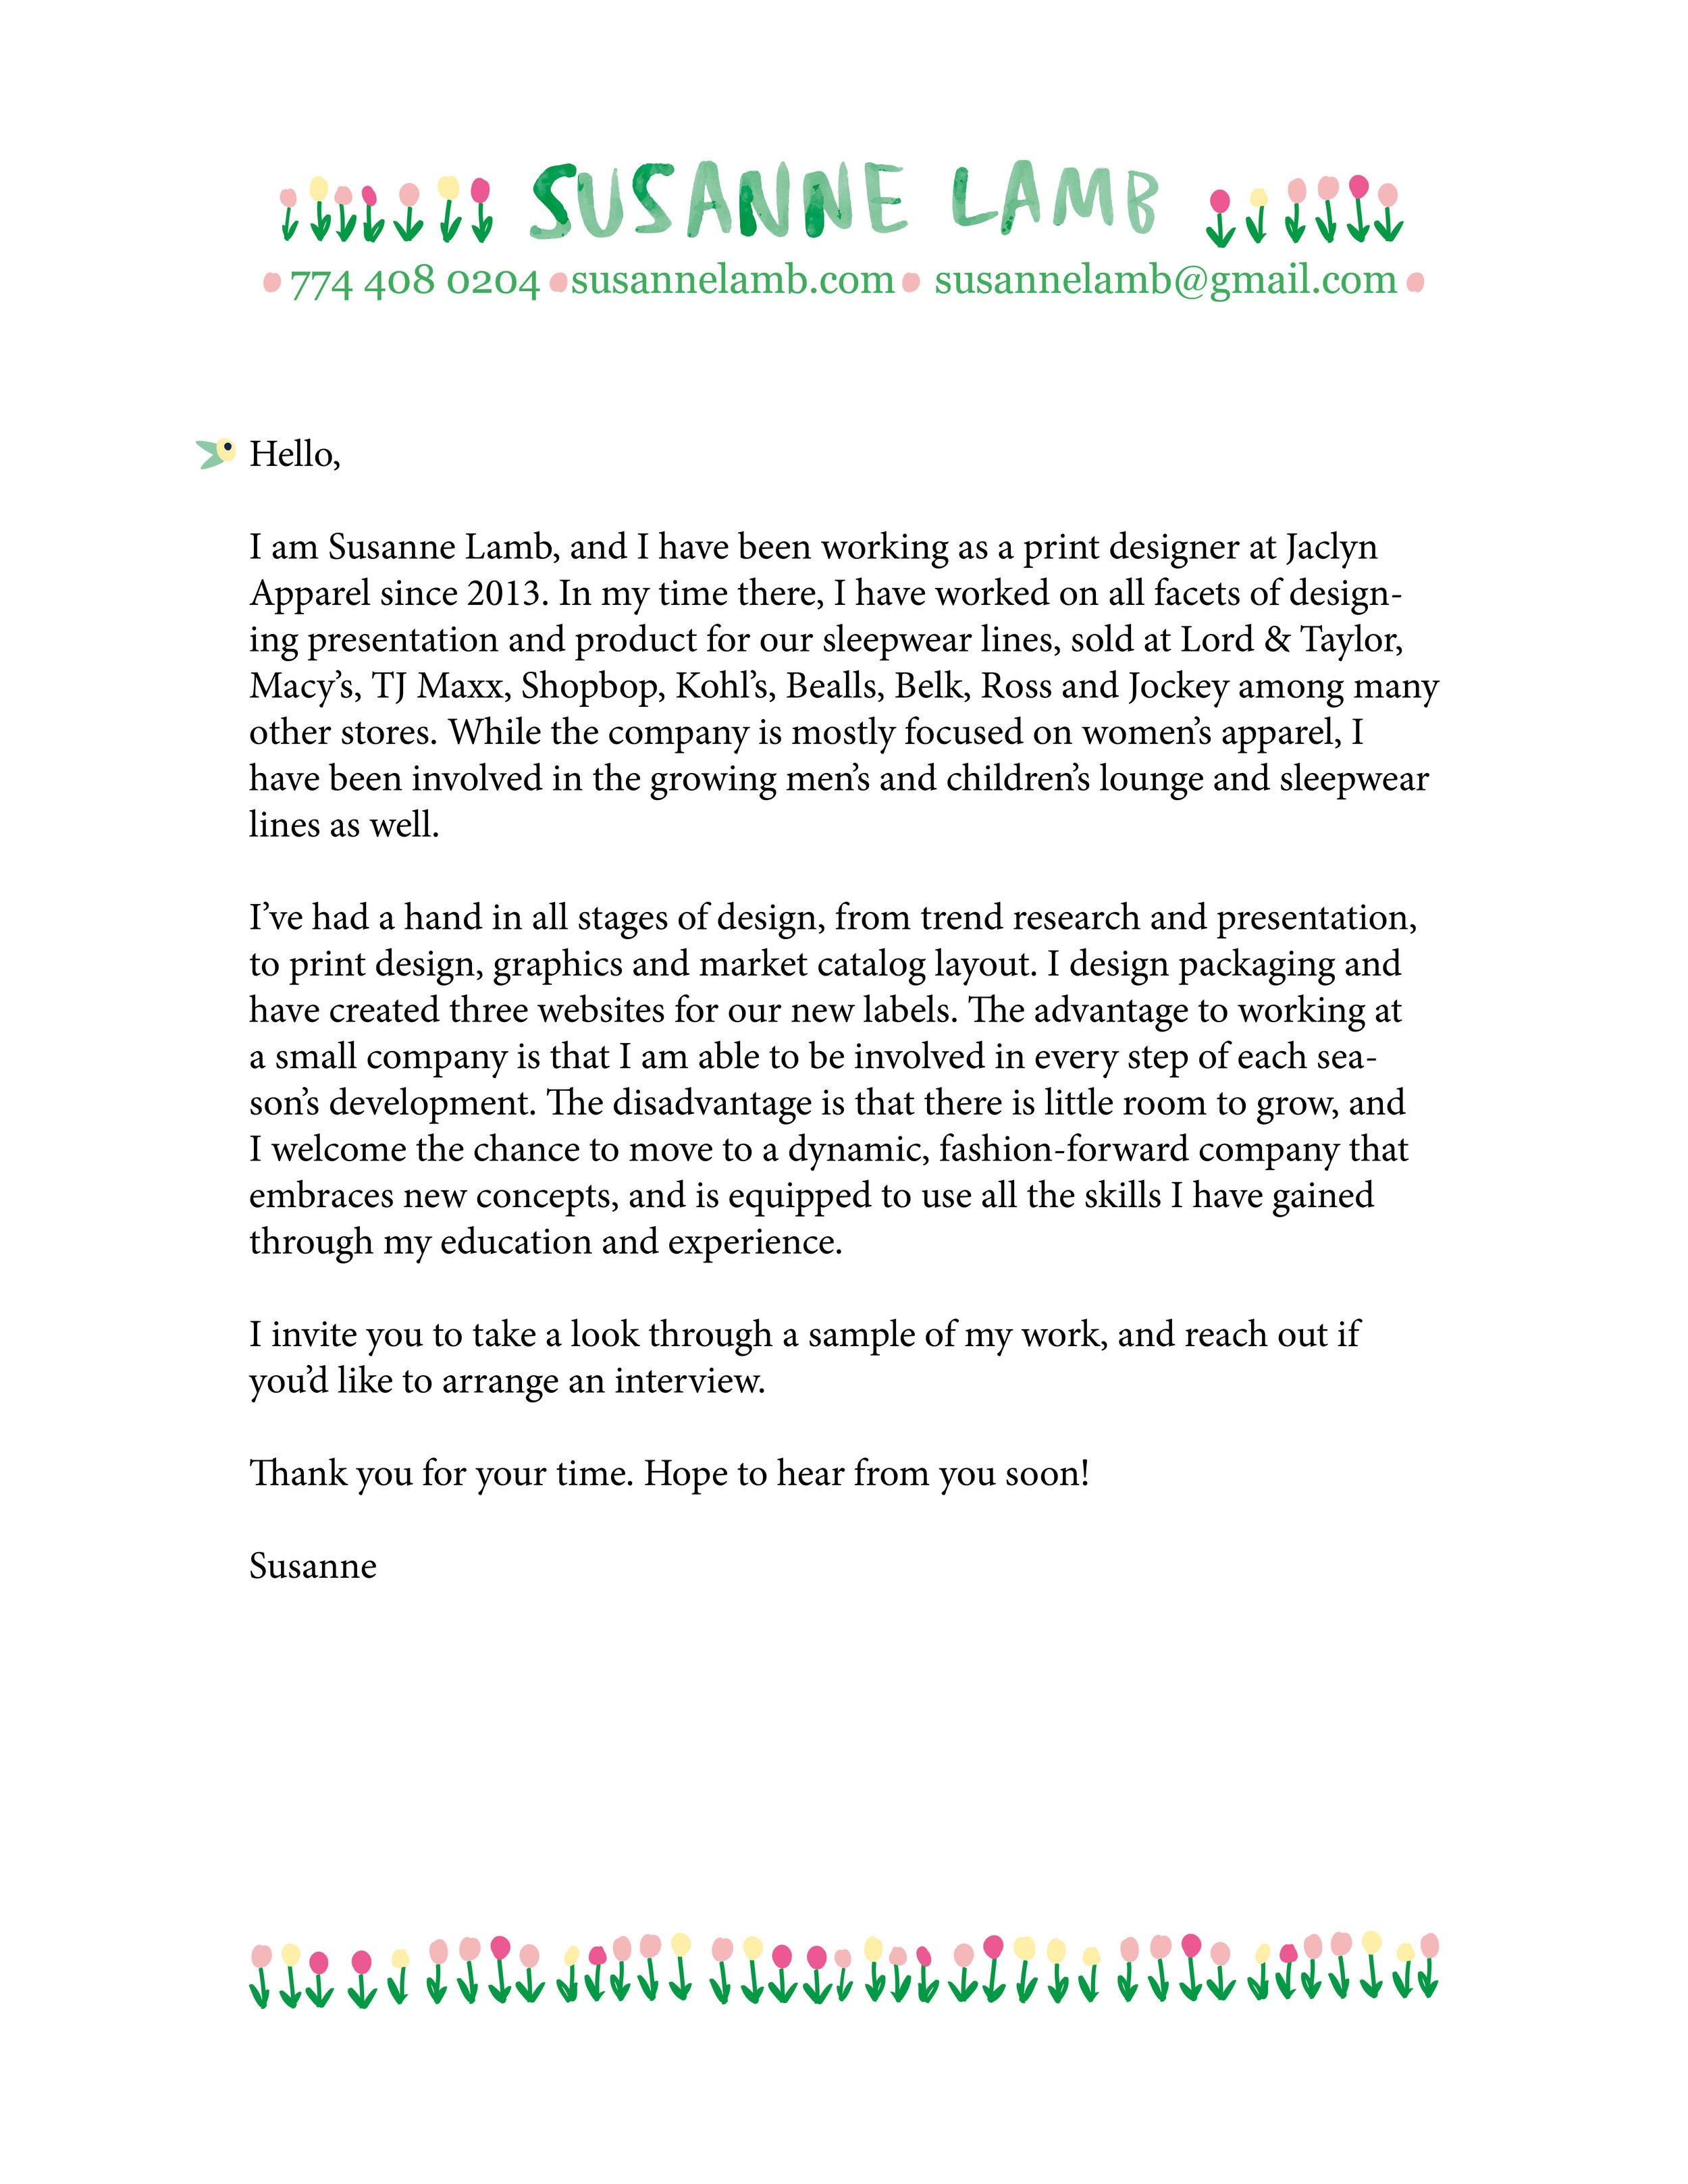 Susanne Lamb-Cover Letter.jpg